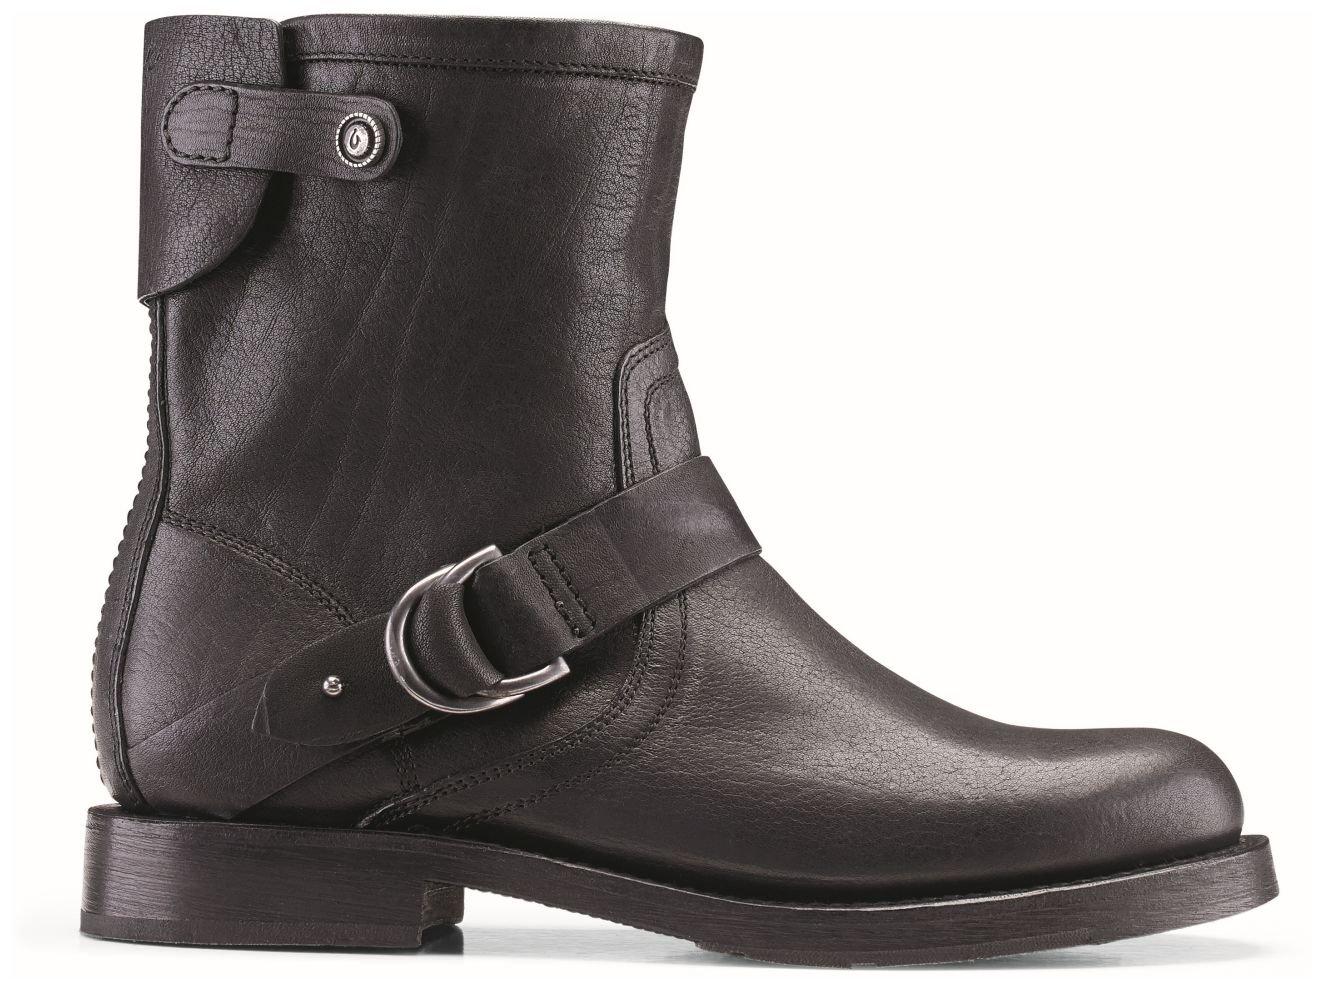 OluKai Nahuku Short Boot - Women's Black 8